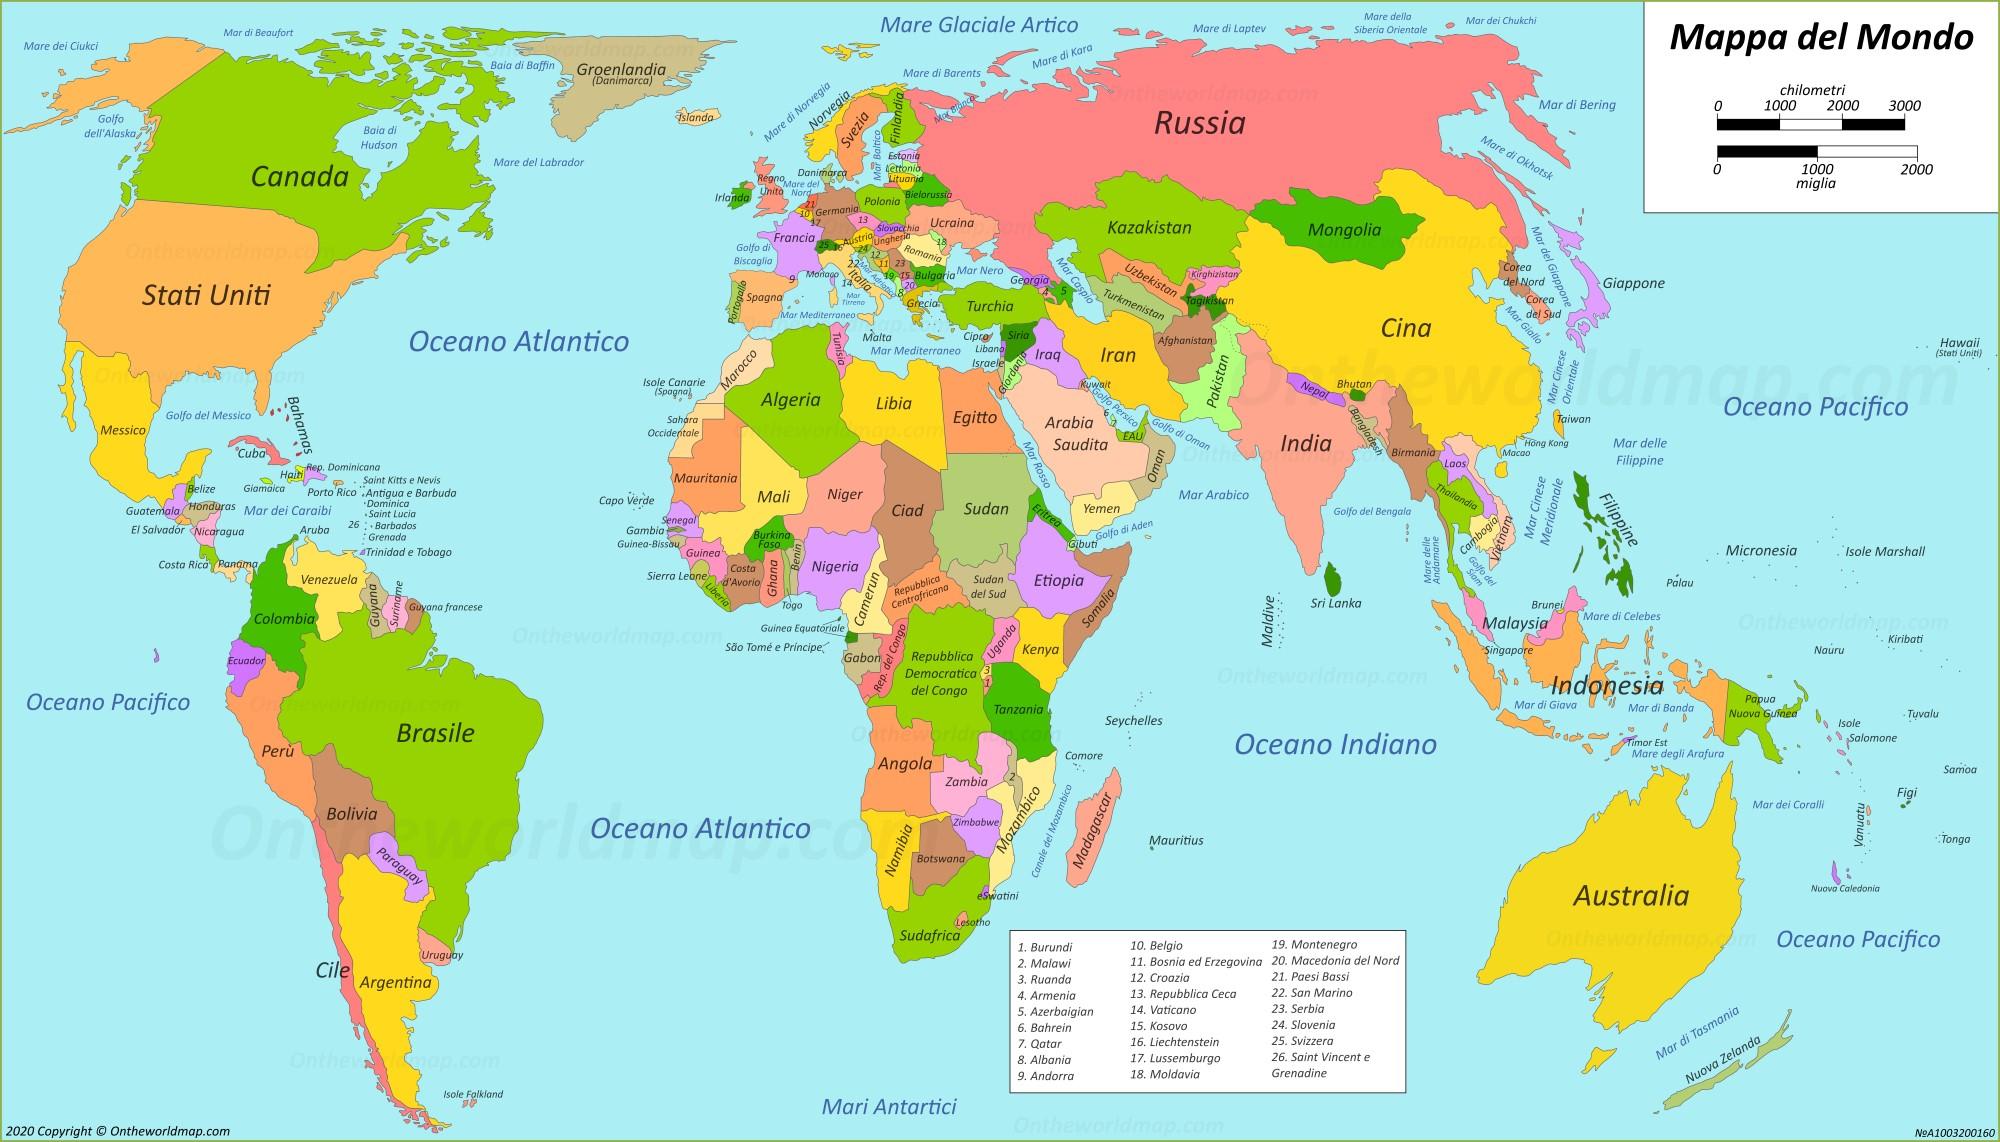 Cartina Fusi Orari Mondo.Mappa Del Mondo Mappe Di Tutti I Paesi Citta E Regioni Del Mondo